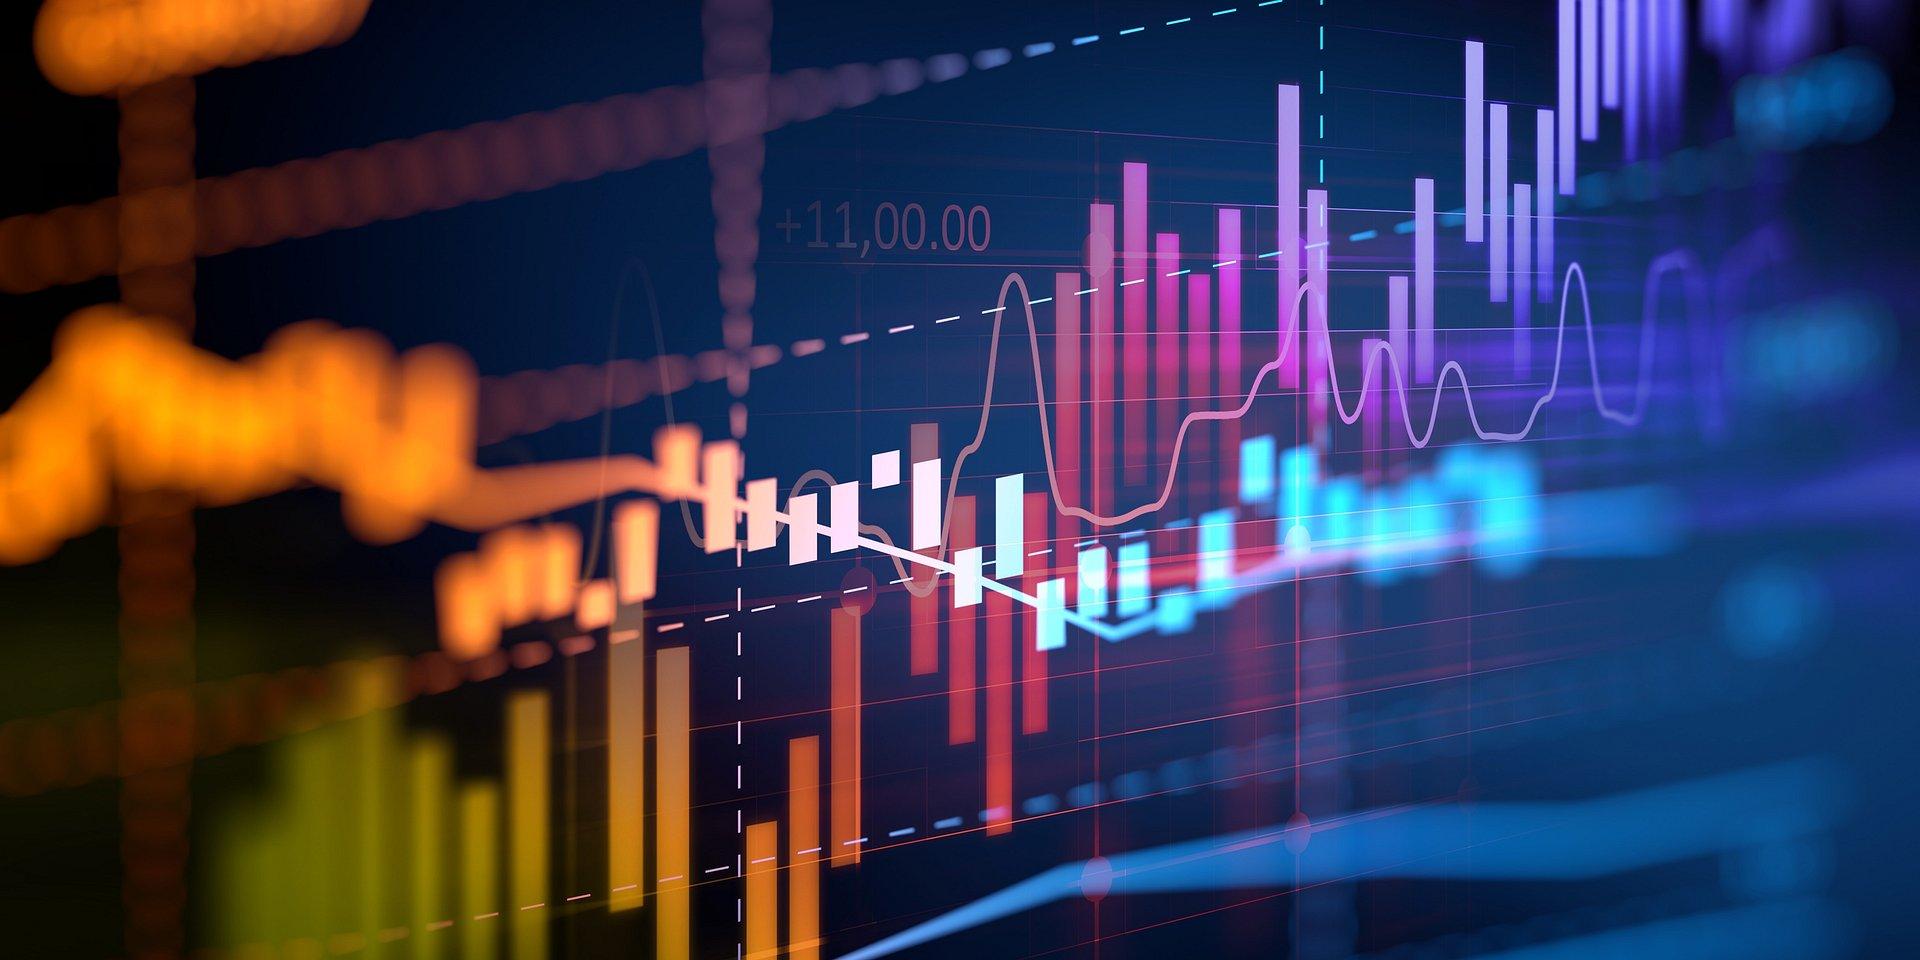 MakoLab kolejny rok na dużym plusie. Spółka z dwukrotnym wzrostem zysku netto w 2019 roku